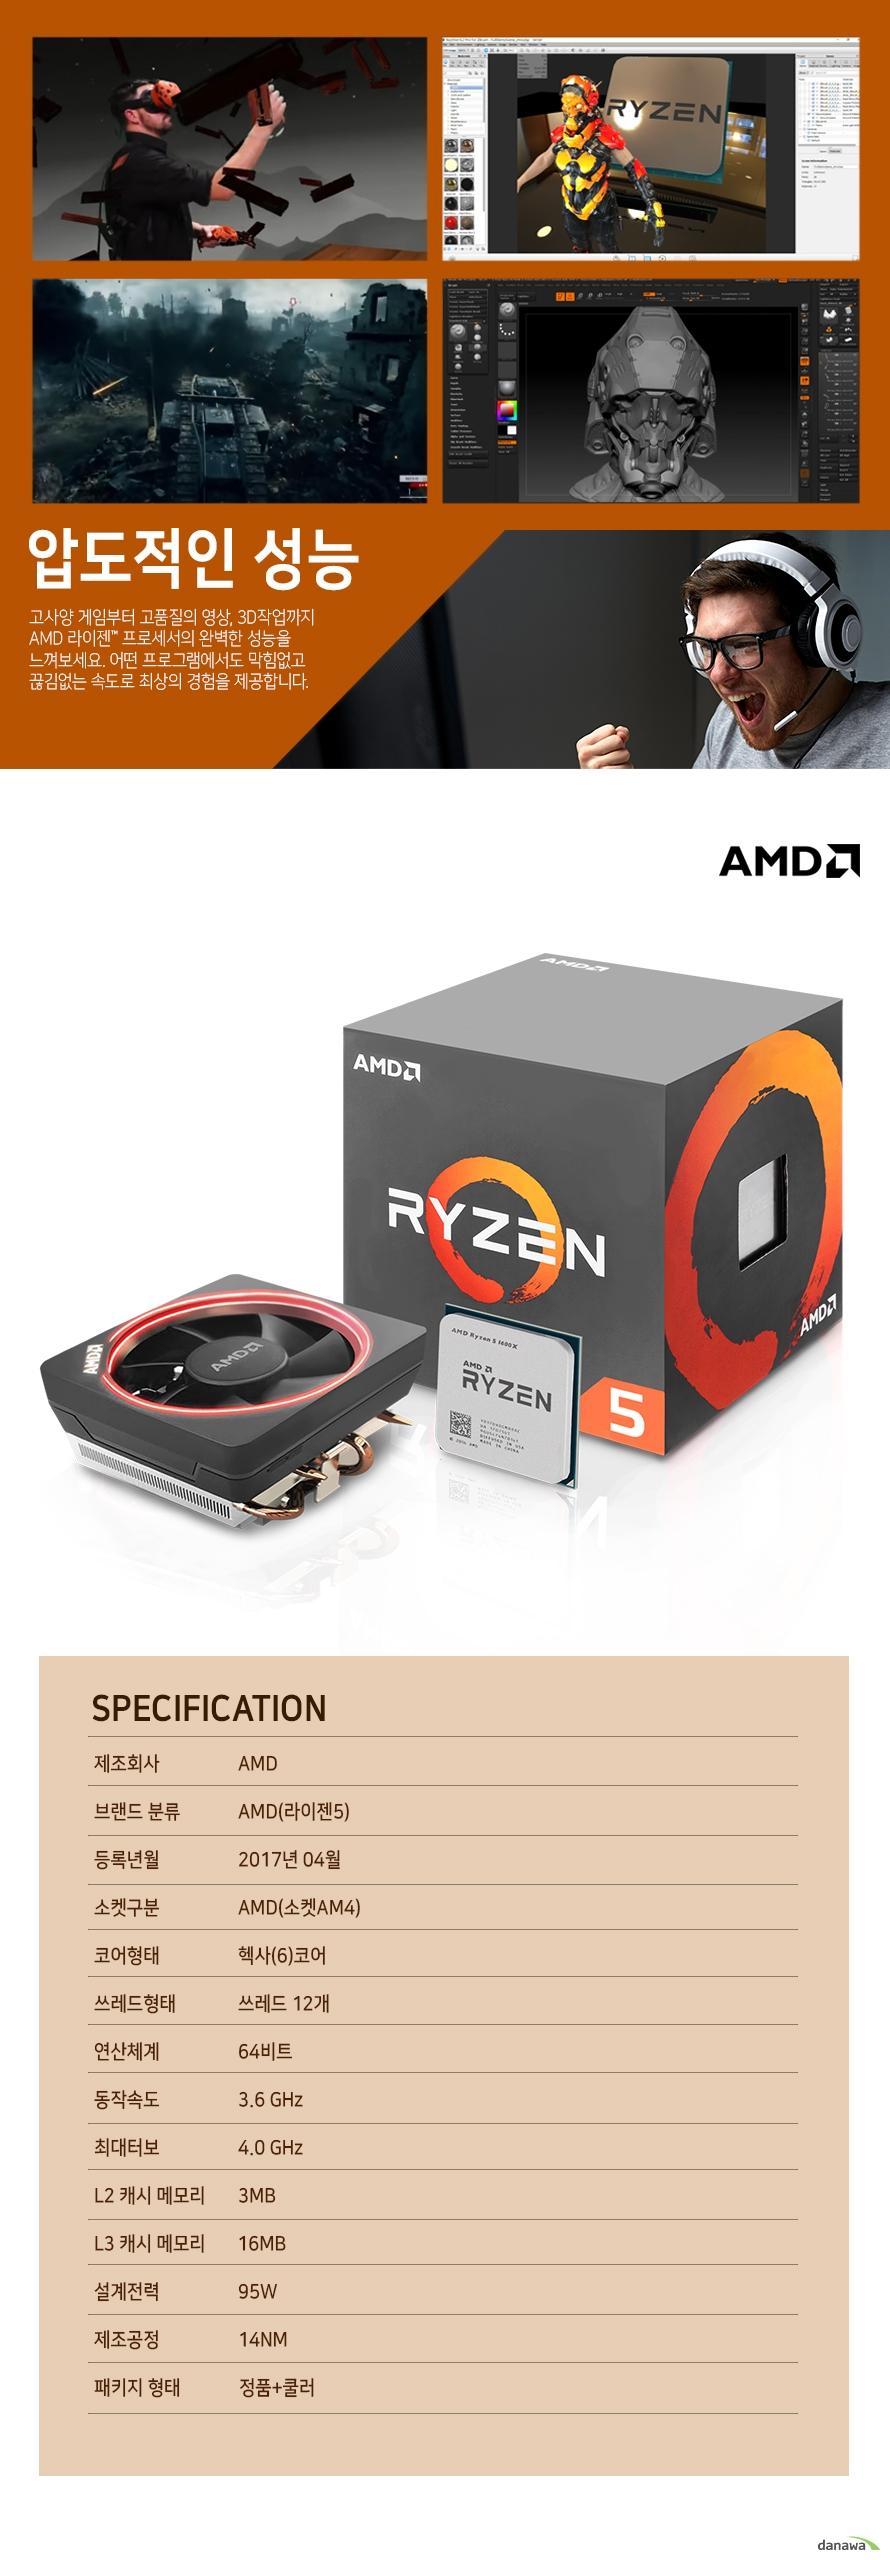 압도적인 성능                    고사양 게임부터 고품질의 영상 , 3D 작업까지 AMD 라이젠 프로세서의          완벽한 성능을 느껴보세요. 어떤 프로그램에서도 막힘없고 끊김없는          속도로 최상의 경험을 제공합니다.                    SPECIFICATION          제조 회사 AMD          브랜드 분류 AMD(라이젠 5)          등록년월 2017년 4월          소켓구분 AMD(소켓 AM4)          코어형태 헥사(6)코어          쓰레드 형태 쓰레드 12개          연산체계 64비트          동작속도 3.6GHZ          최대 터보 4.0GHZ          L2 캐시 메모리 3MB          L3 캐시 메모리 16MB          설계전력 95W          제조공정 14NM          패키지 형태 정품+쿨러